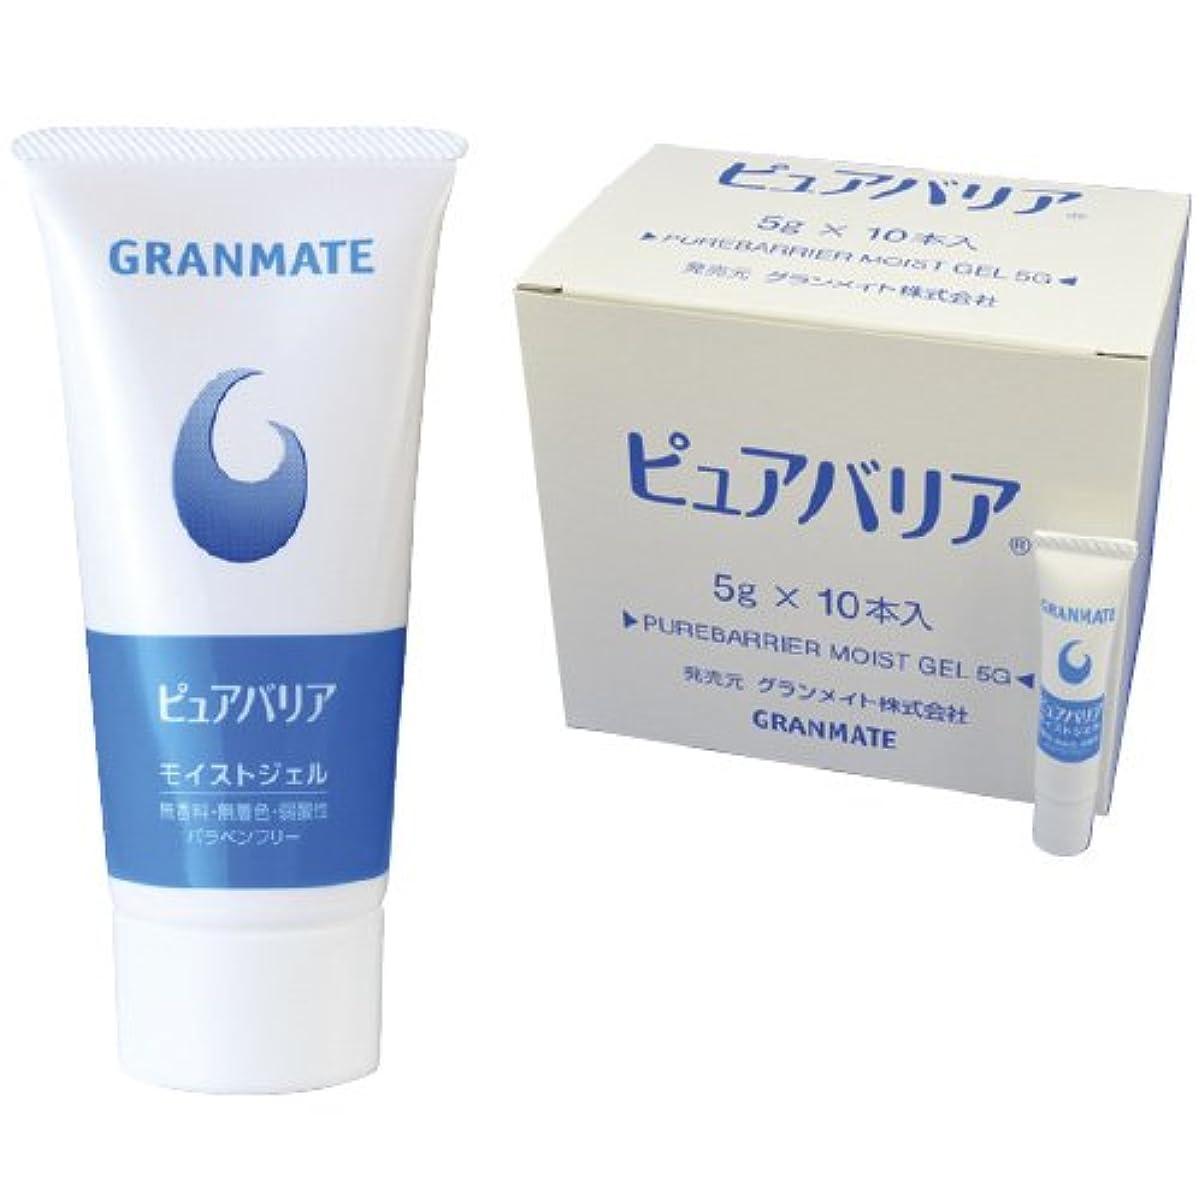 衰えるスナップネブピュアバリア(スキンケア肌保護ジェル 5GX10ホンイリ 皮膚保護用品 スキンケアローション